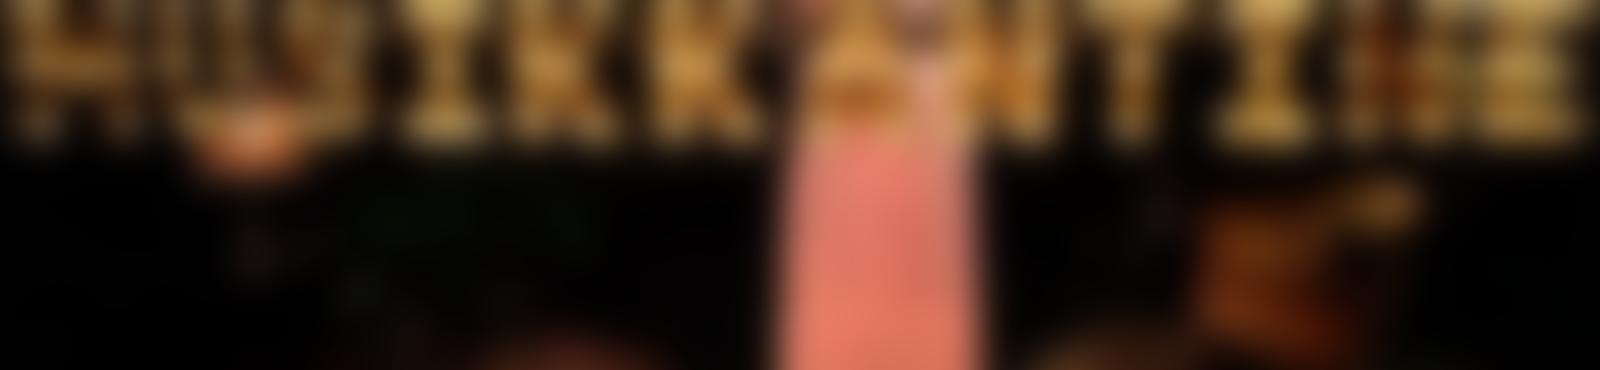 Blurred 918f92a2 e219 498c a611 b1e1309f948b